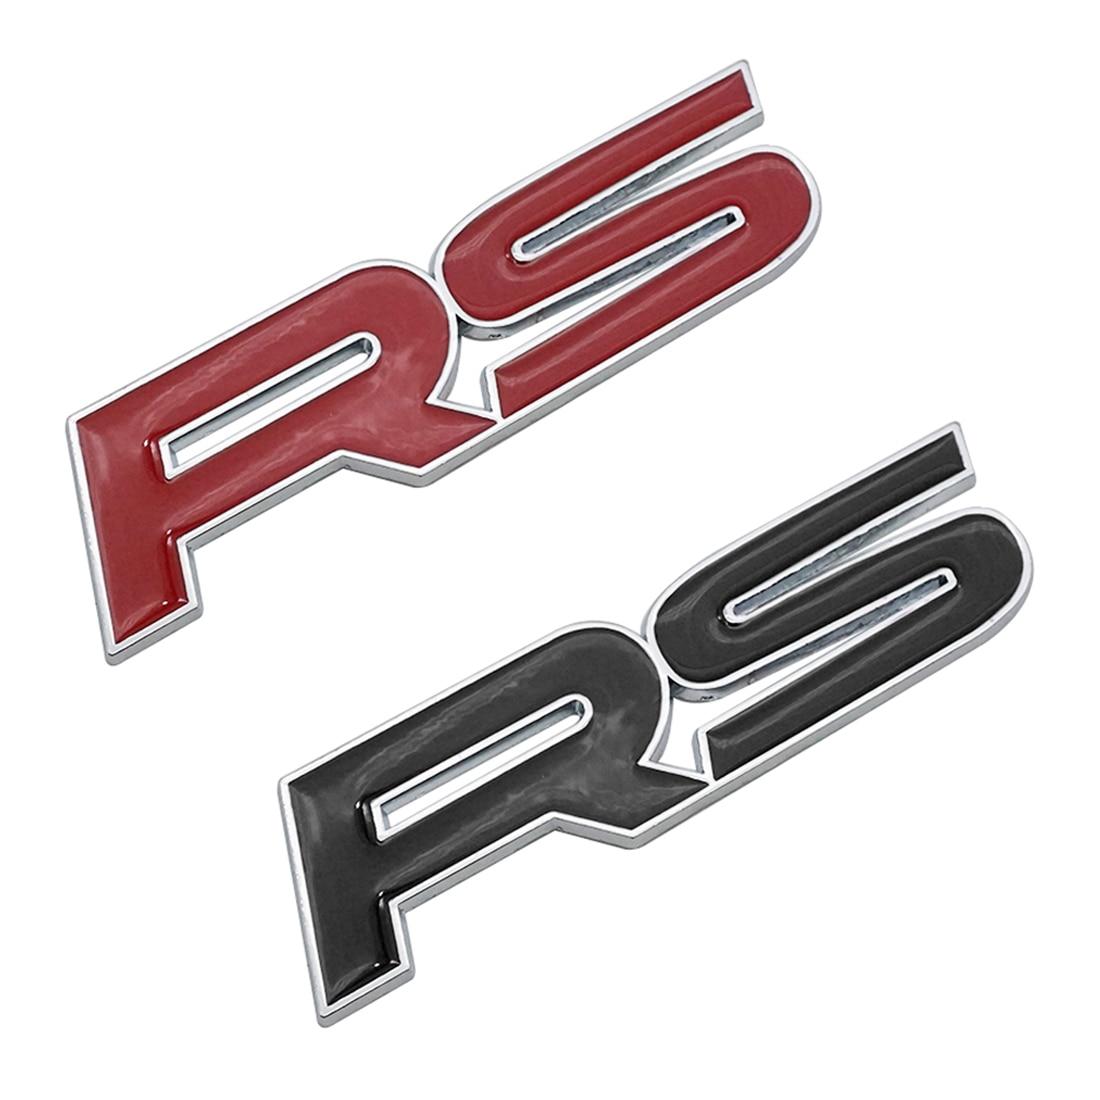 Dewtreetali rs insignia del emblema del coche de metal pegatina estilo para focus chevrolet cruze mazda